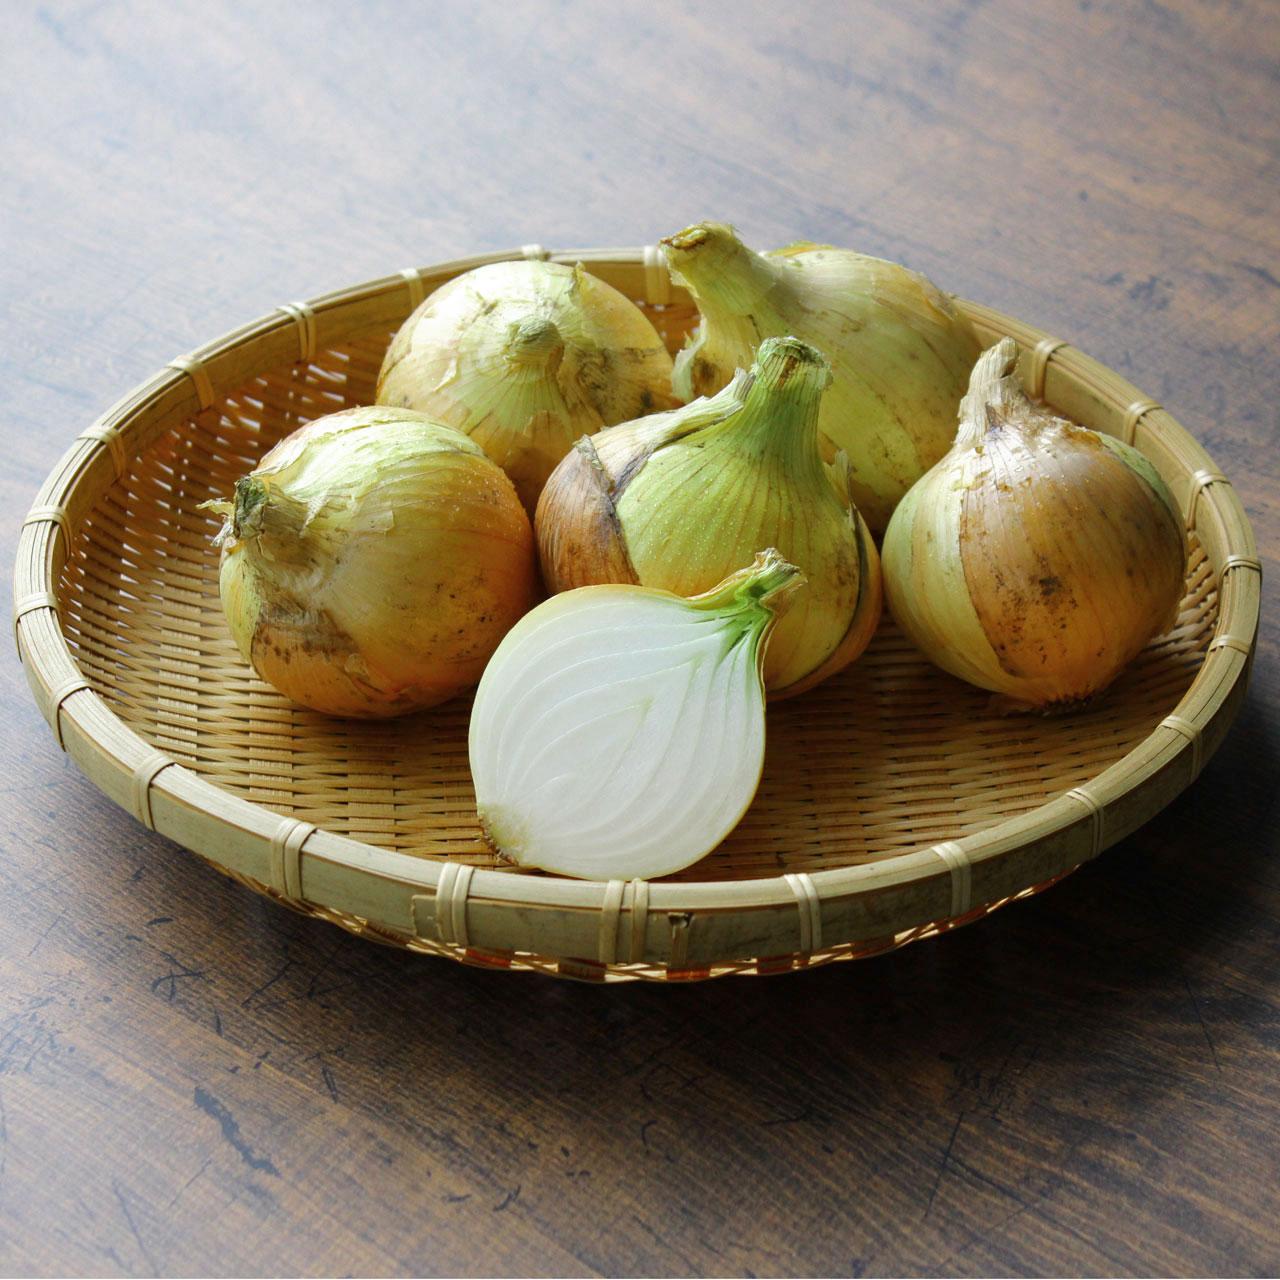 旬だけのおいしさ! 甘~い新玉ねぎを120%満喫する「新玉いっぱいグラタン」